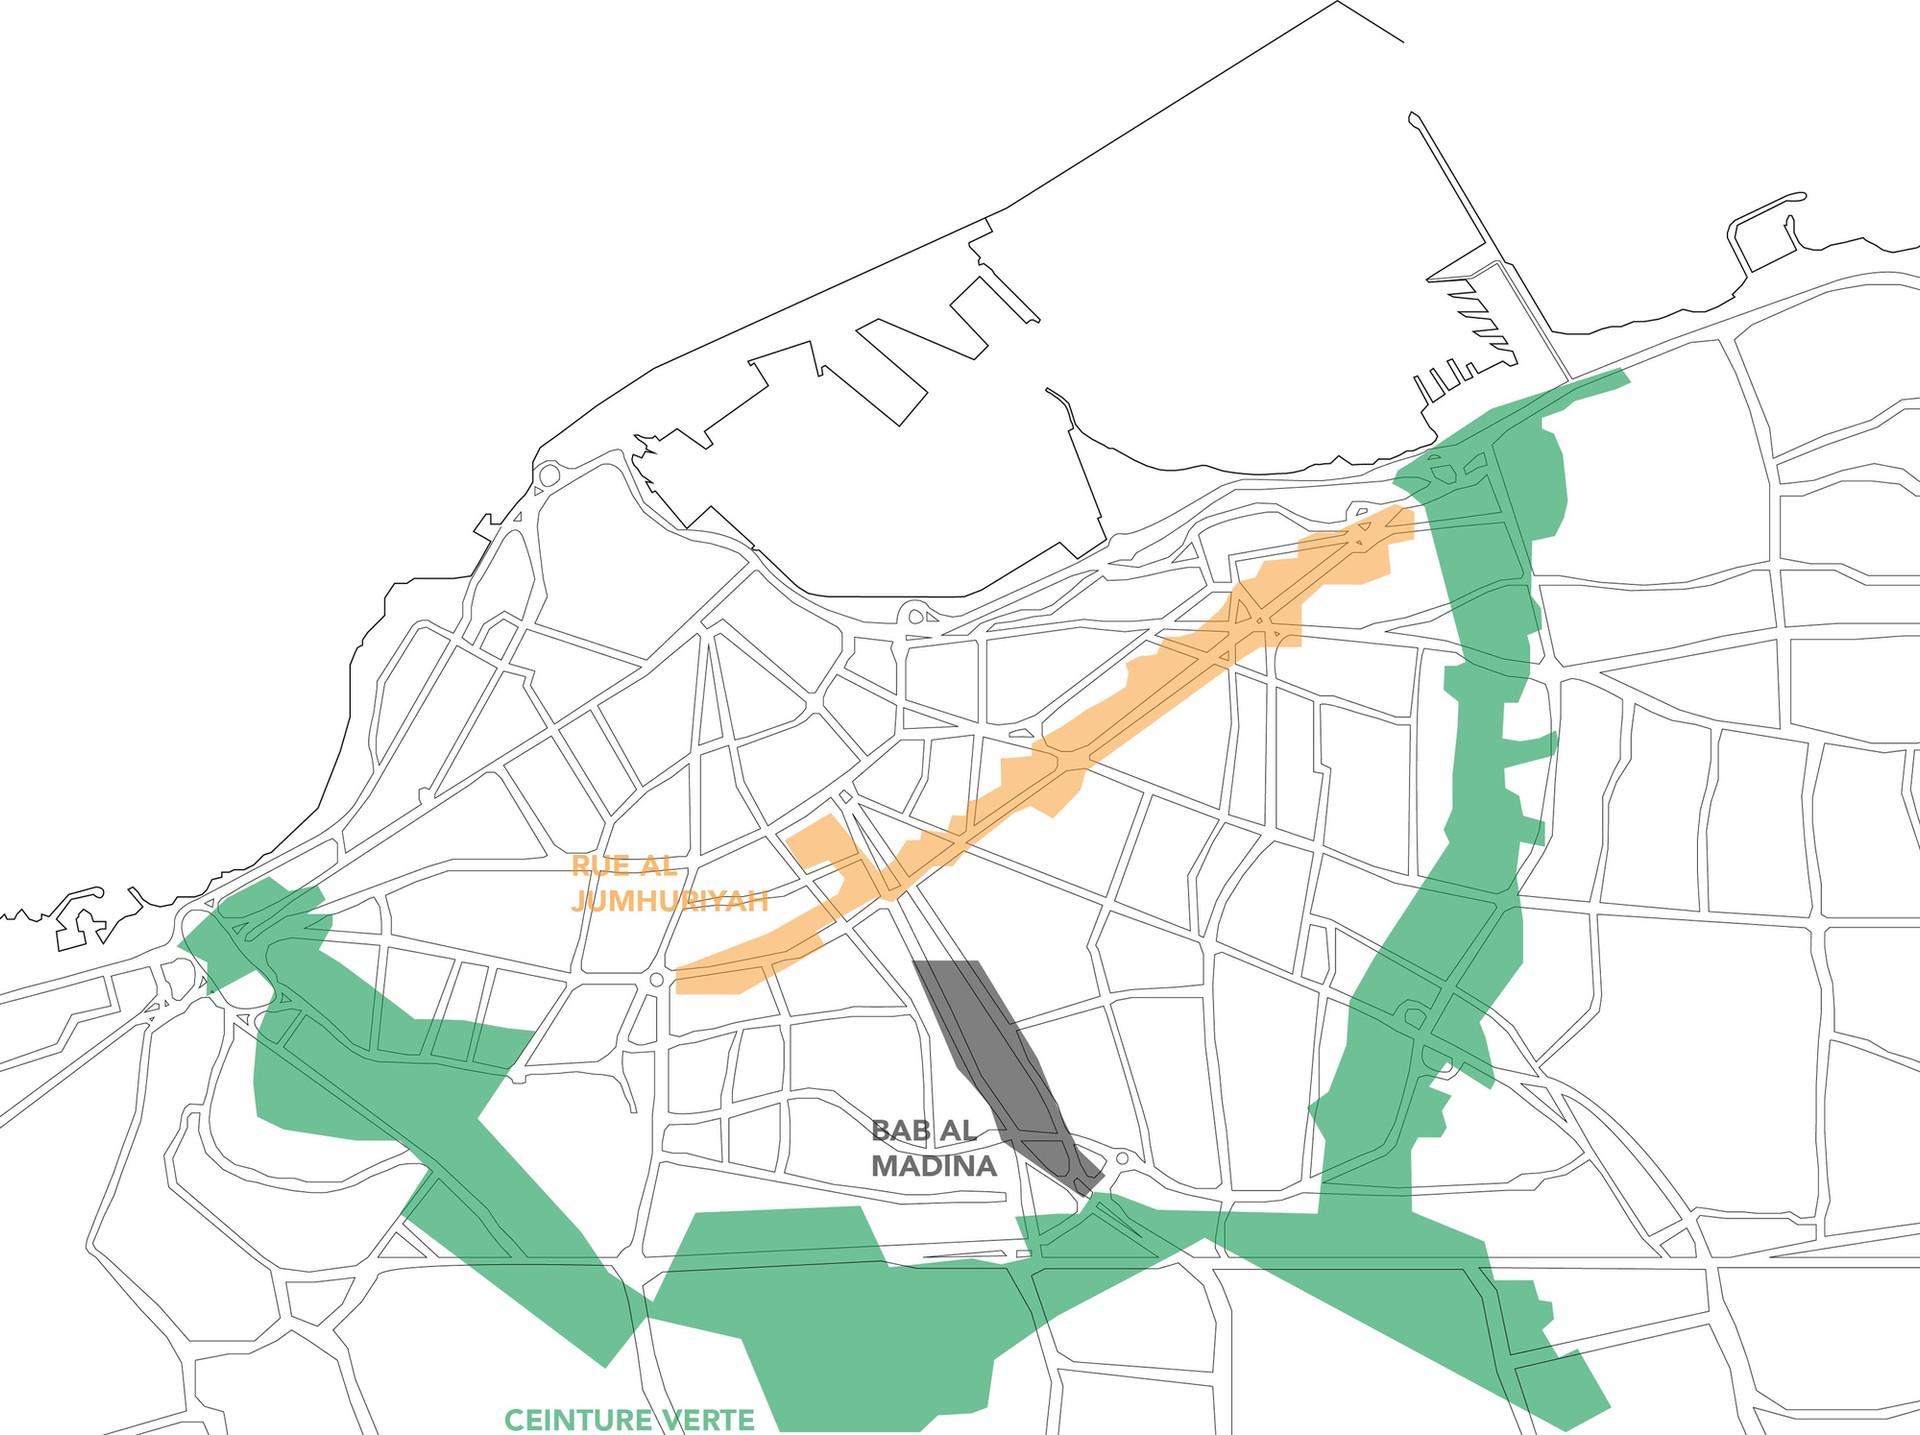 Les trois secteurs: Ceinture verte - Rue commerciale Al Jumhuriyah - Bab Al Madina